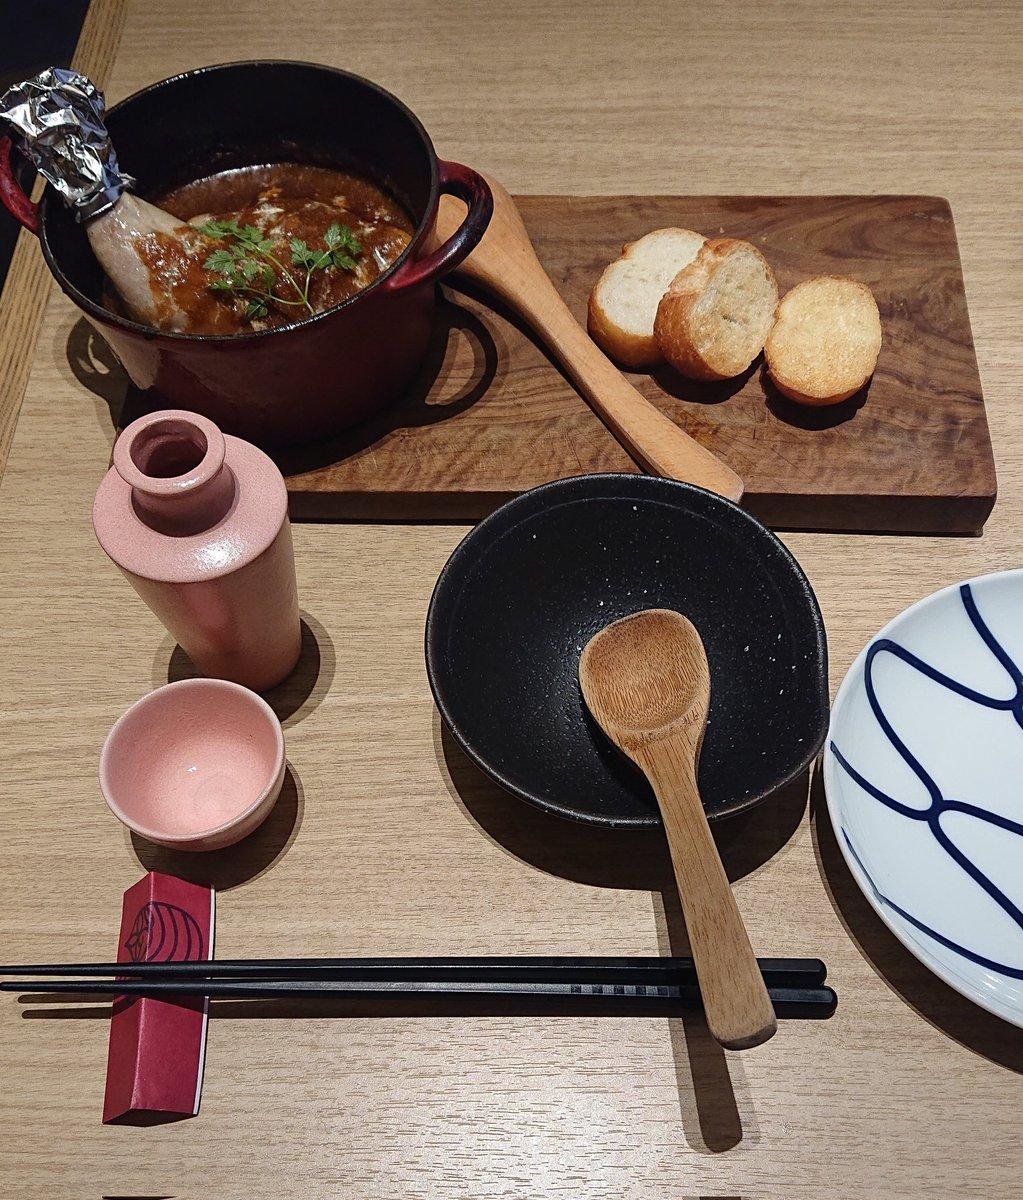 test ツイッターメディア - 今日はちょっとおリッチな昼食。 昼間っから頂く日本酒は山形の「くどき上手」。口当たり柔らかで程よい甘味だけど、飲み込んだ瞬間若干の辛みを伴うニクいやつ https://t.co/4lKhhxGLYj